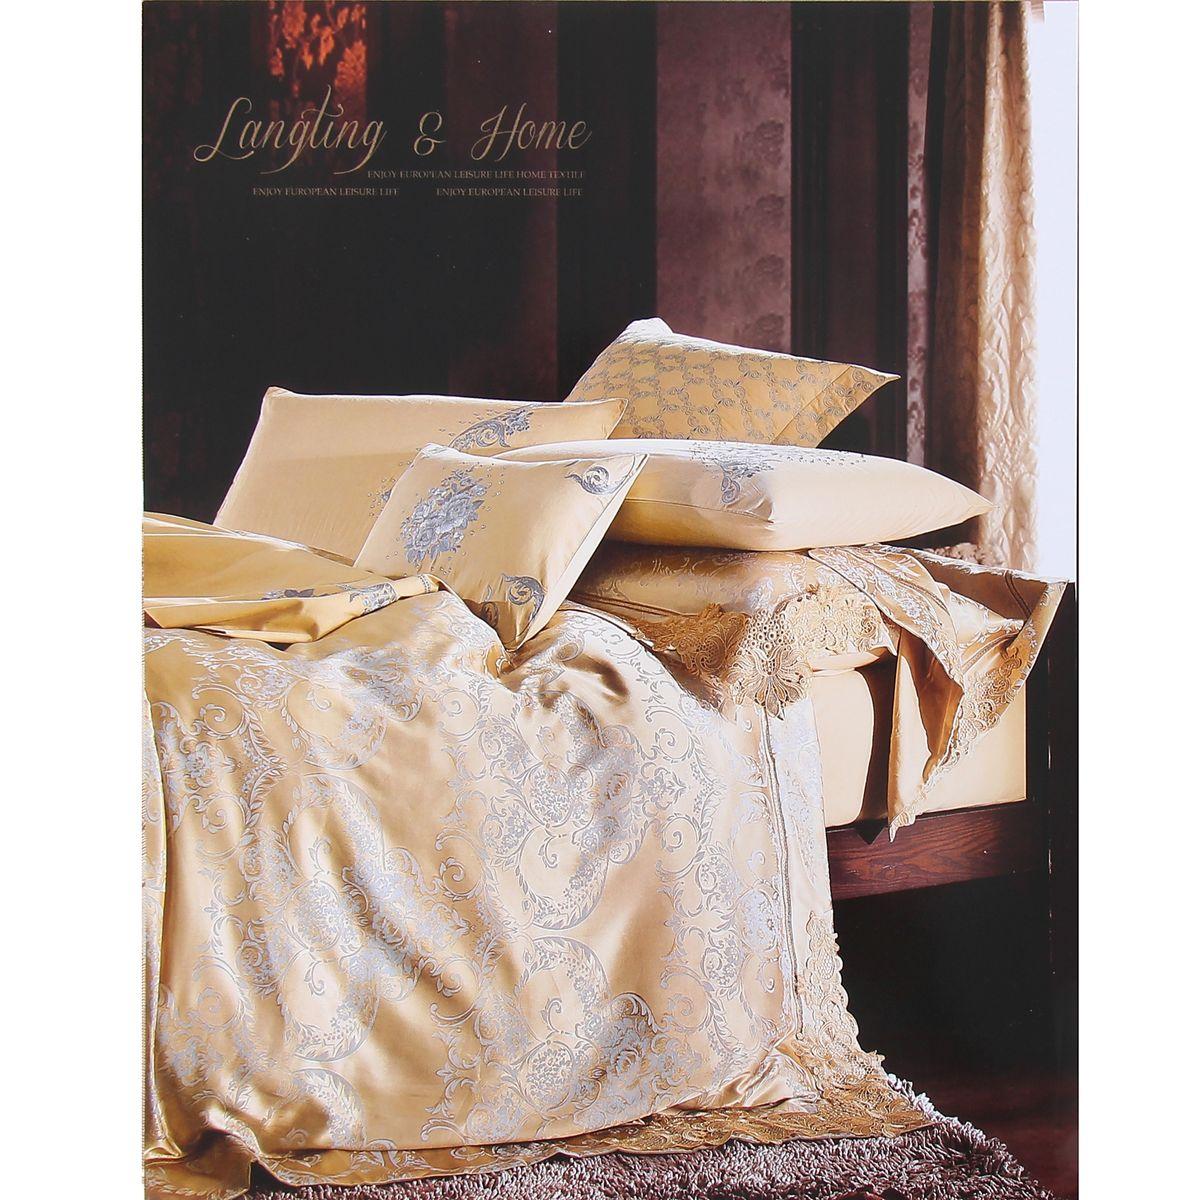 Комплект белья Этель Ренссанс, евро, наволочки 50x70, цвет: светло-коричневый, золотистый103572Комплект постельного белья Этель Ренссанс состоит из пододеяльника на молнии, простыни и двух наволочек. Удивительной красоты вышивка, нанесенная на белье, сочетает в себе нежность и теплоту. Постельное белье Этель Ренссанс создано для романтичных натур, которые любят изысканный дизайн. Белье изготовлено из 100% хлопка и тканного жаккарда отвечающего всем необходимым нормативным стандартам. Жаккард - это ткань фактурного плетения, в которой нити очень плотно переплетены и образуют узорчатый рельеф. Это очень практичный материал, неприхотливый в уходе, более долговечный, по сравнению с другими тканями, полученными одним из простых способов плетения. Приобретая комплект постельного белья Этель Ренссанс, вы можете быть уверенны в том, что покупка доставит вам и вашим близким удовольствие и подарит максимальный комфорт.